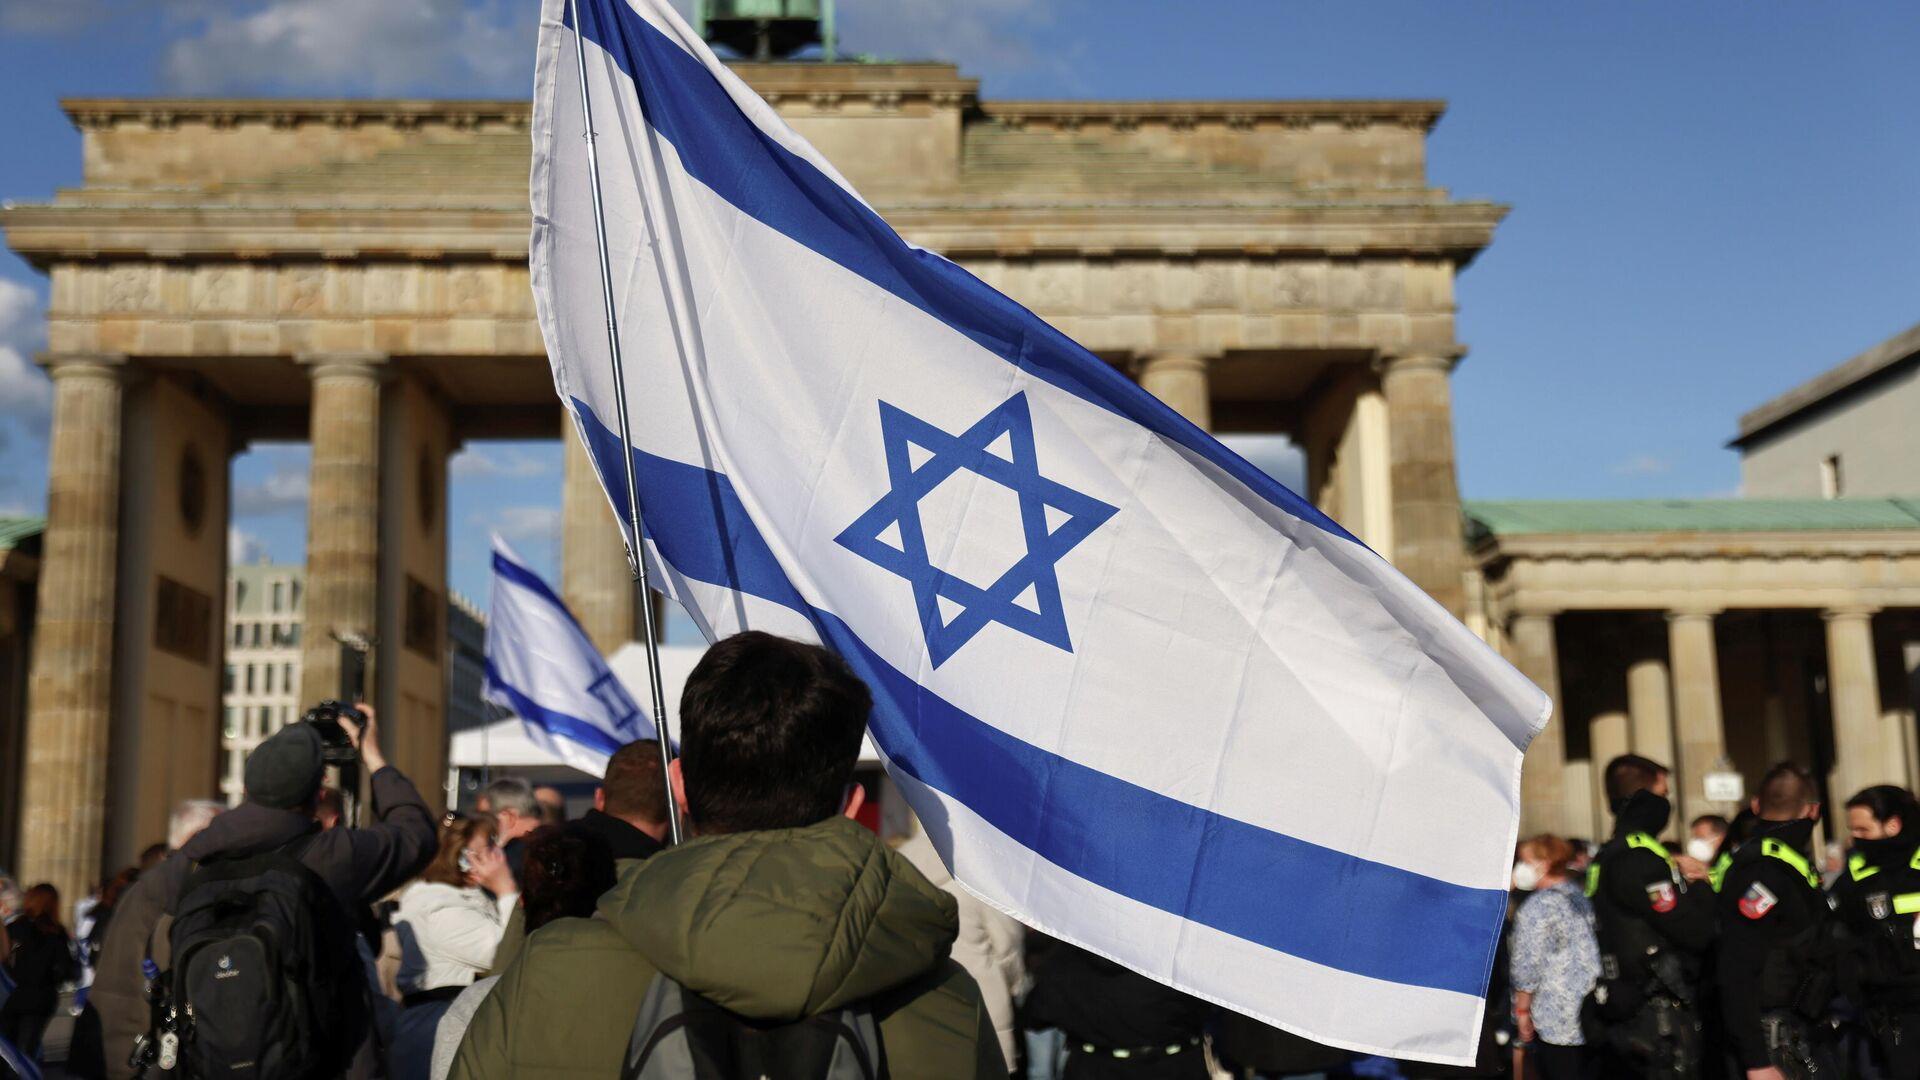 Una manifestación en apoyo a Israel en Berlín - Sputnik Mundo, 1920, 20.05.2021